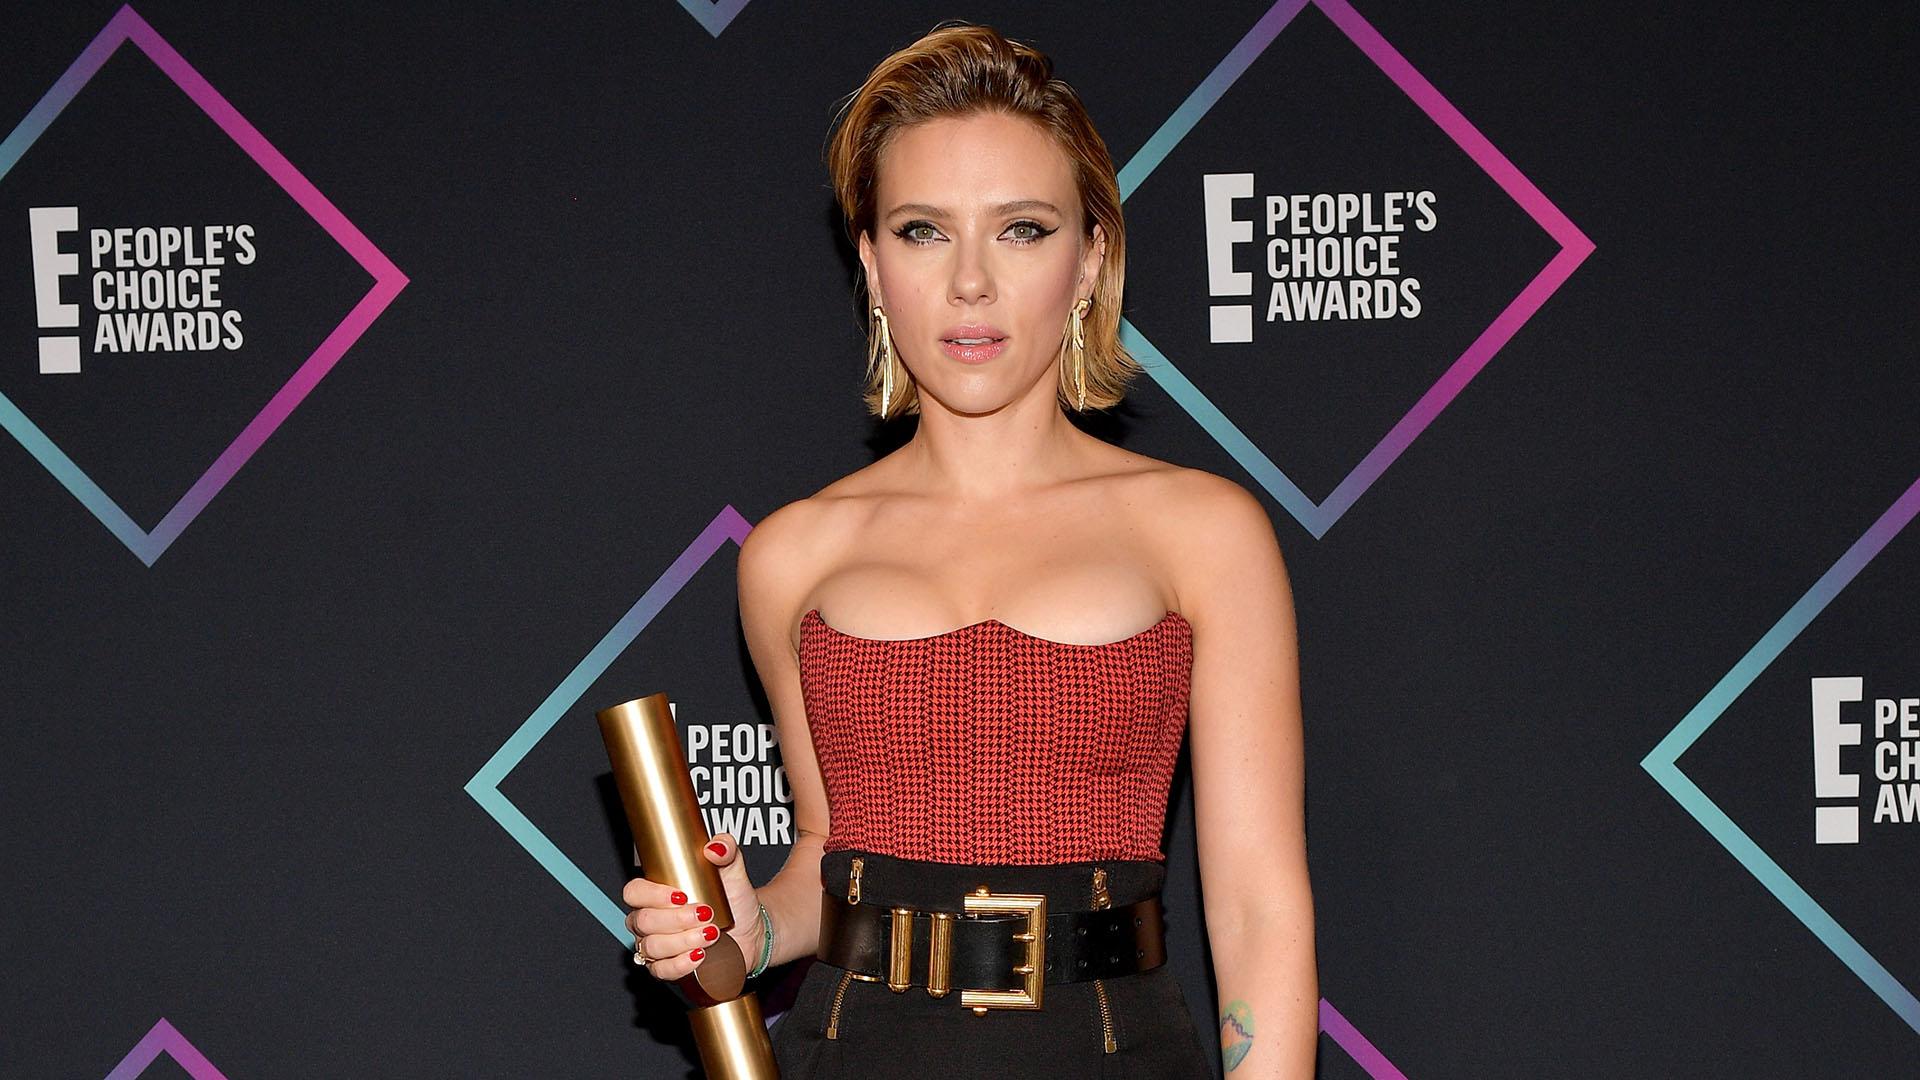 Pelicula porno de scarlett johansson Scarlett Johansson Hablo Sobre Los Videos Porno Que Aparecieron Con Su Imagen Infobae